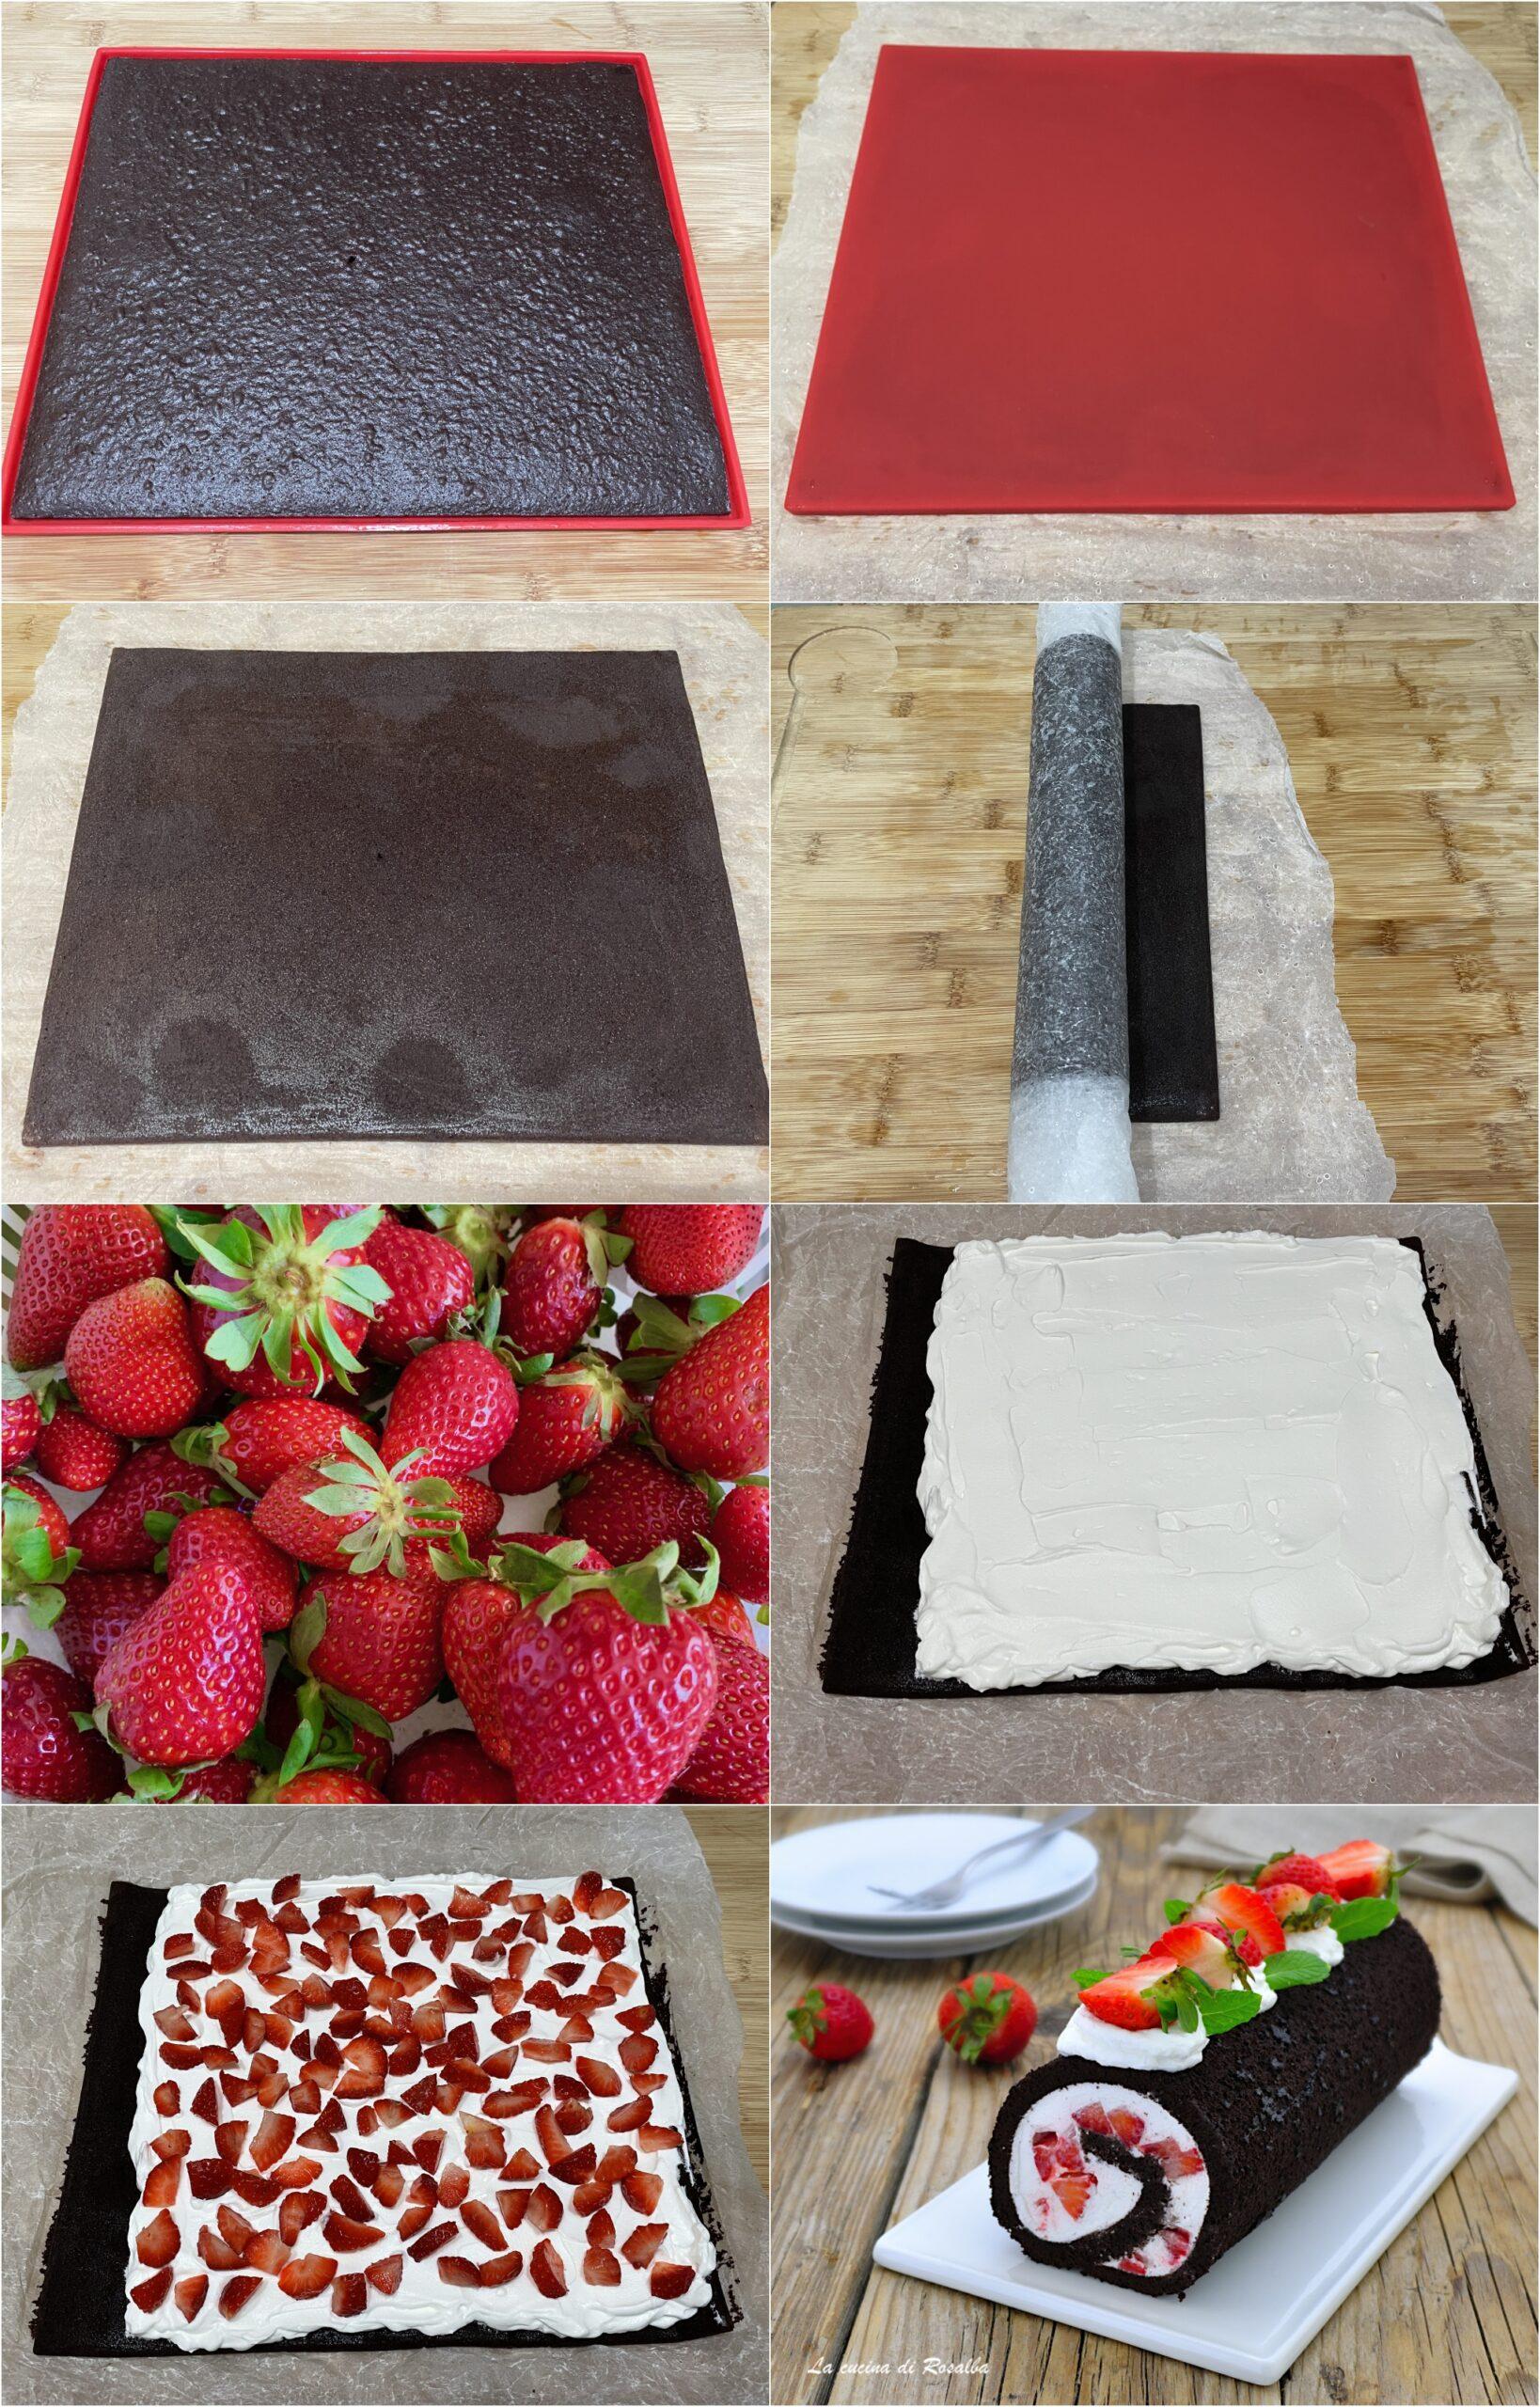 come fare rotolo al cioccolato panna e fragole, ricetta e foto